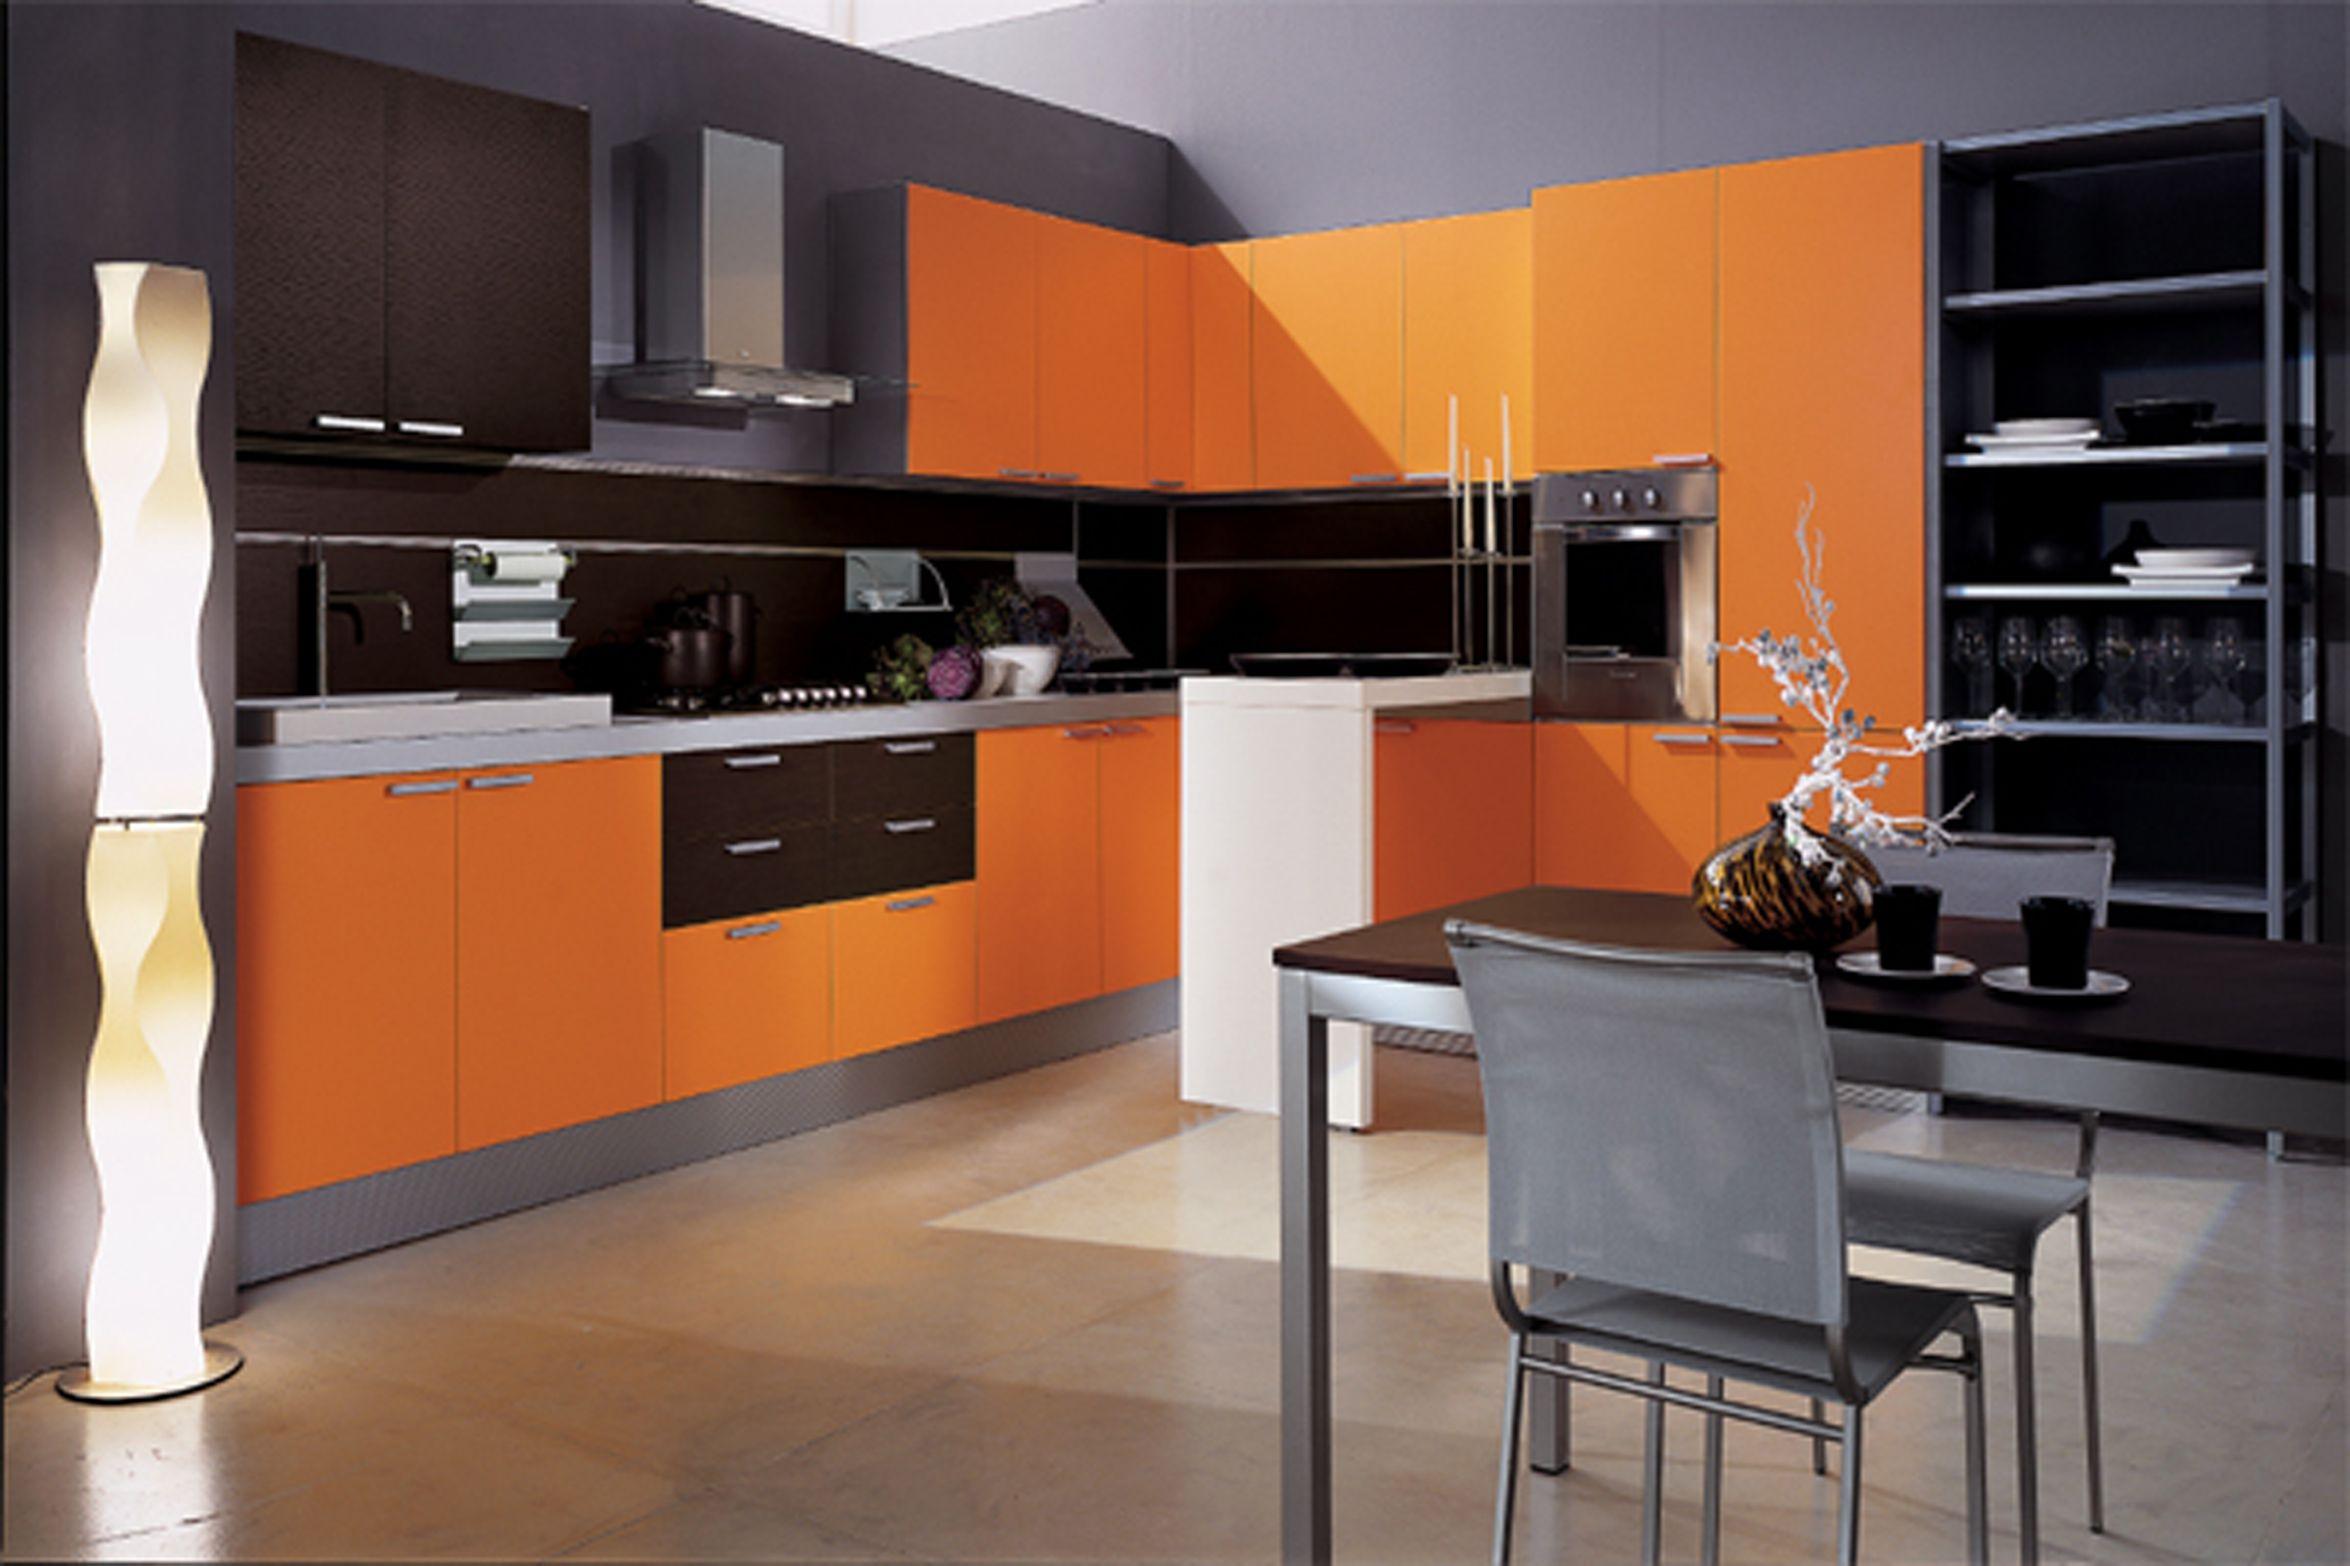 Kitchen design ideas houzz gourmet kitchen design ideas kitchen